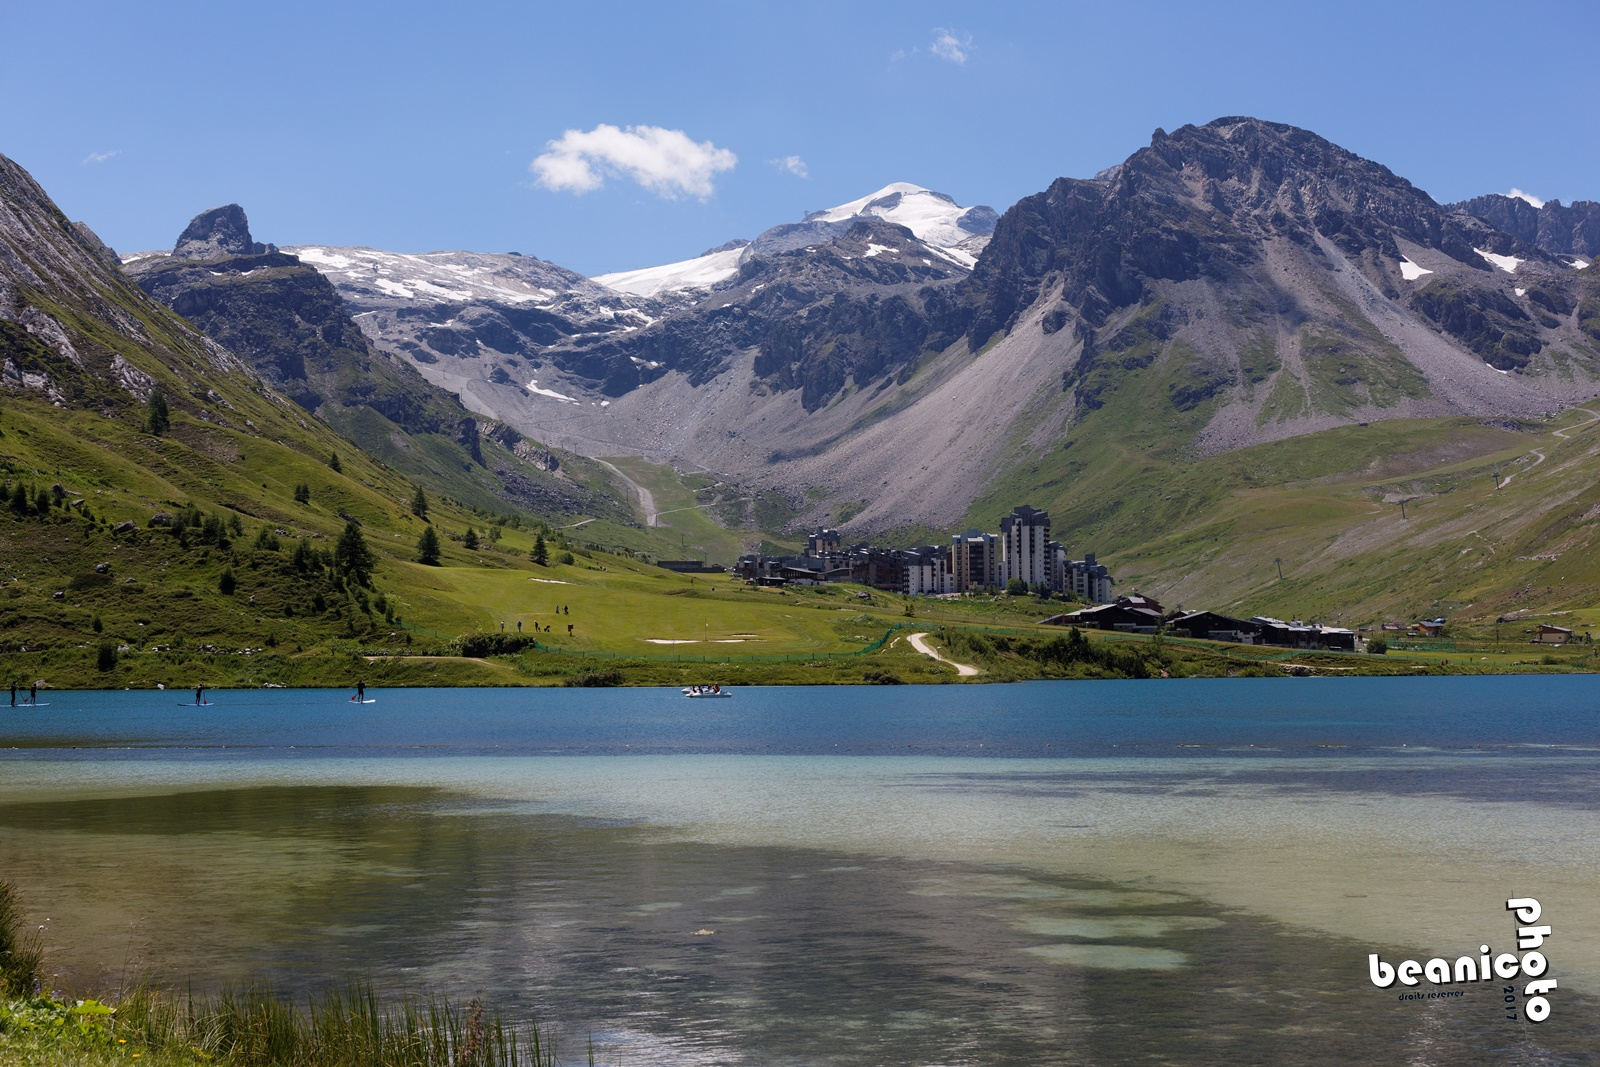 Canon 5DIII + Sigma 50 mm f/2.8 EX DG Macro : f/8 1/250s ISO100 - Le lac de Tignes et le Val Claret - www.beanico-photo.fr